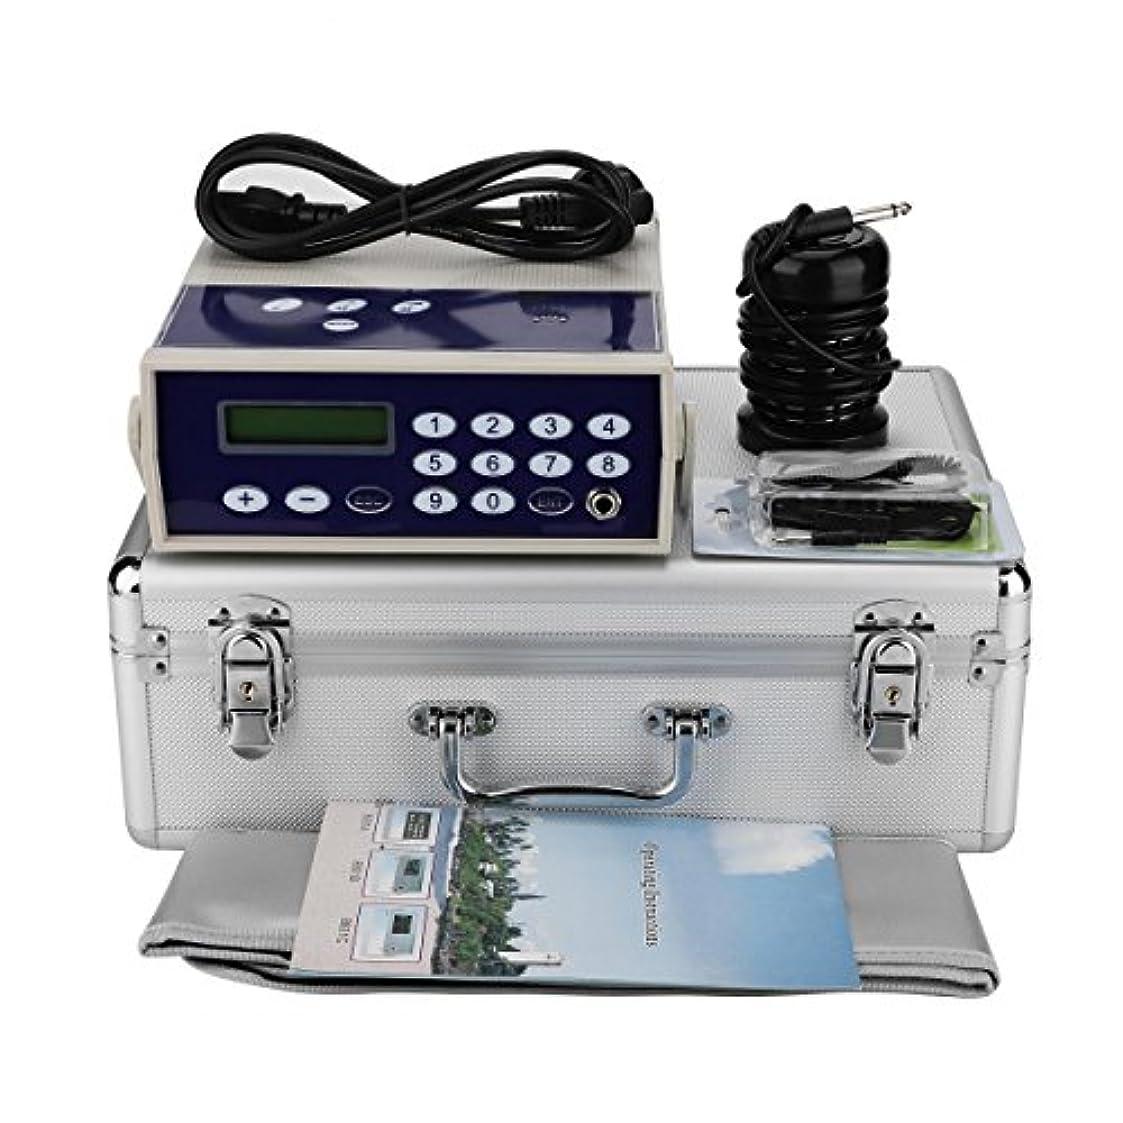 温室冷蔵する紛争イオンフットバスデトックスシステム-ボディデトックスマシンイオンアレイフットバススパクレンジングイオンウエストベルト解毒(110V USプラグ)